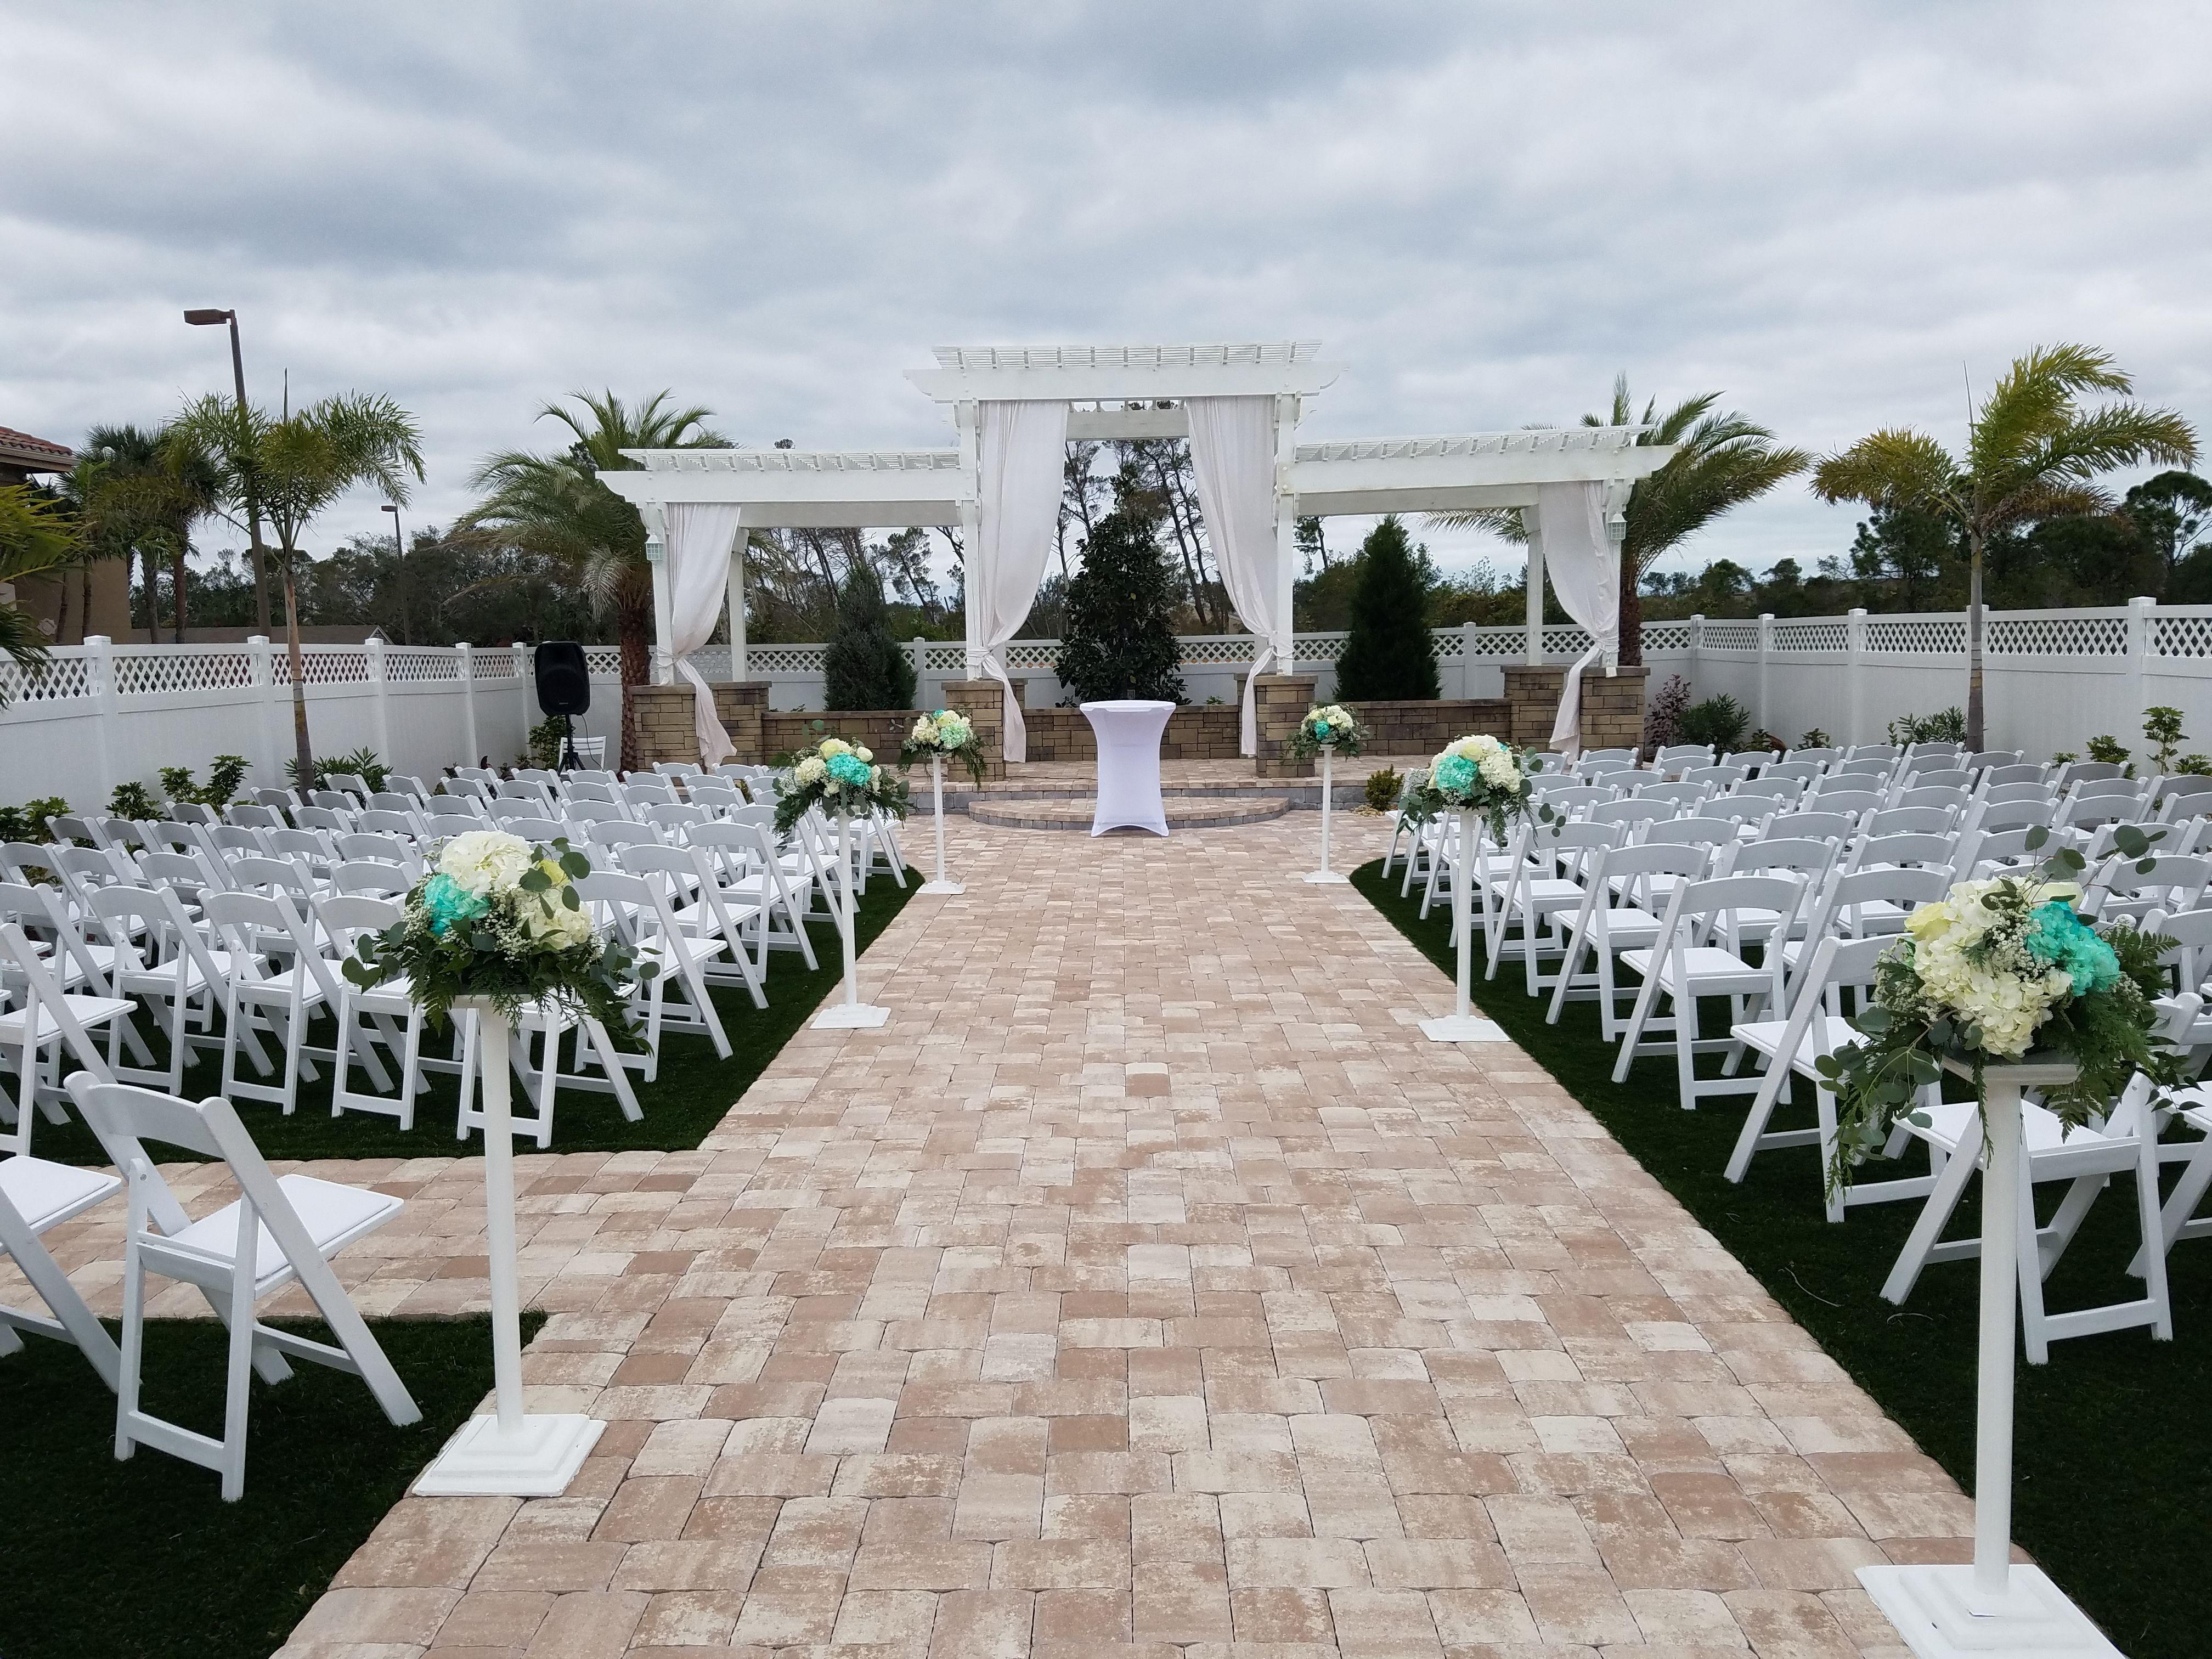 The Grand Manor Wedding Venue Outdoor Ceremonies Wedding